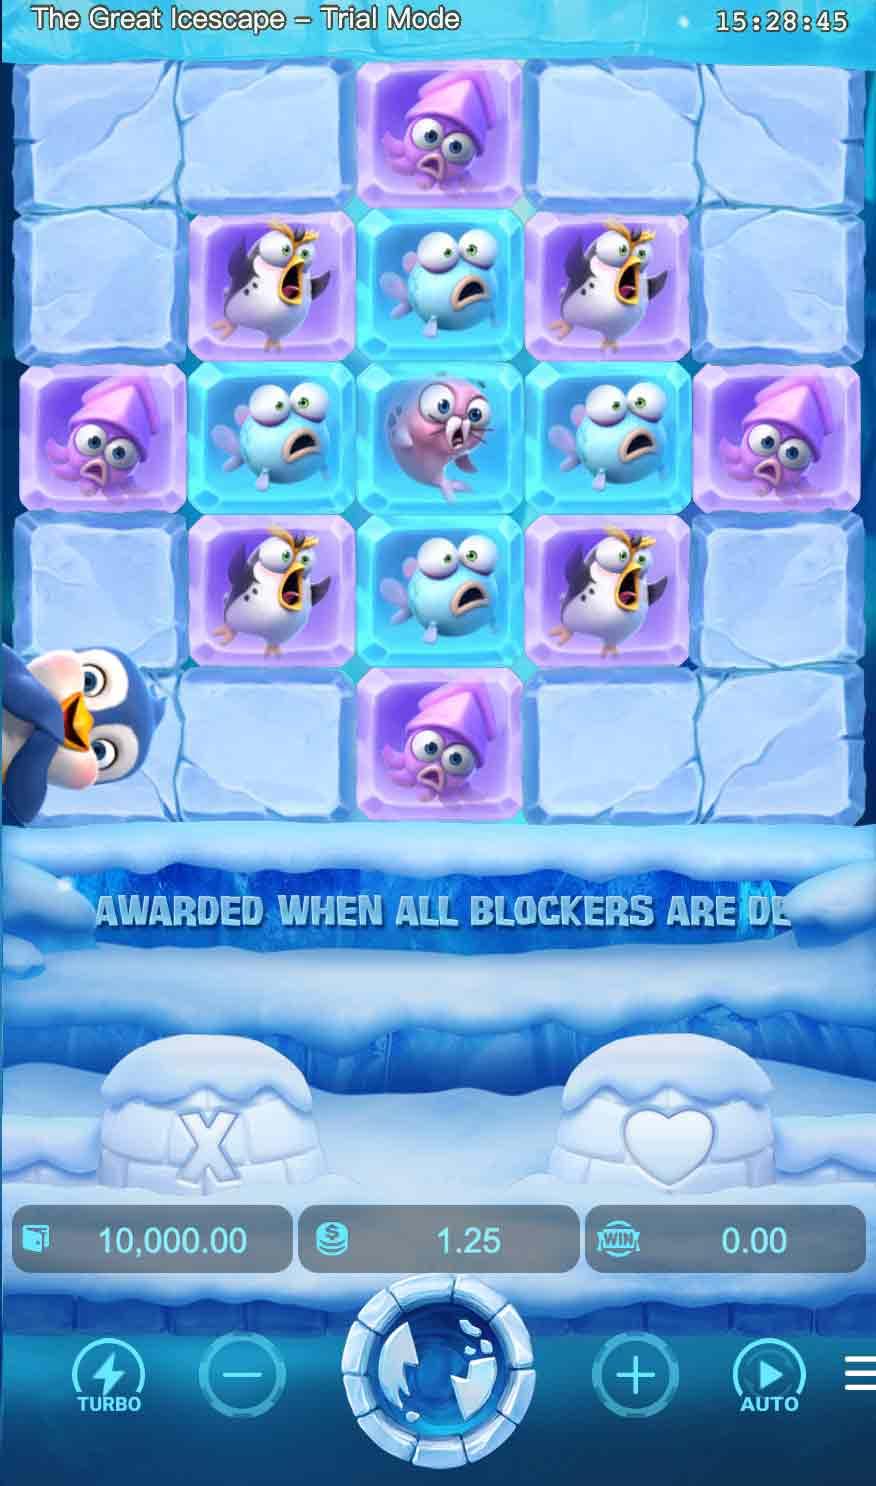 เทคนิคเล่นเกมสล็อตแบบราชา กับ Slotking-Icescape3